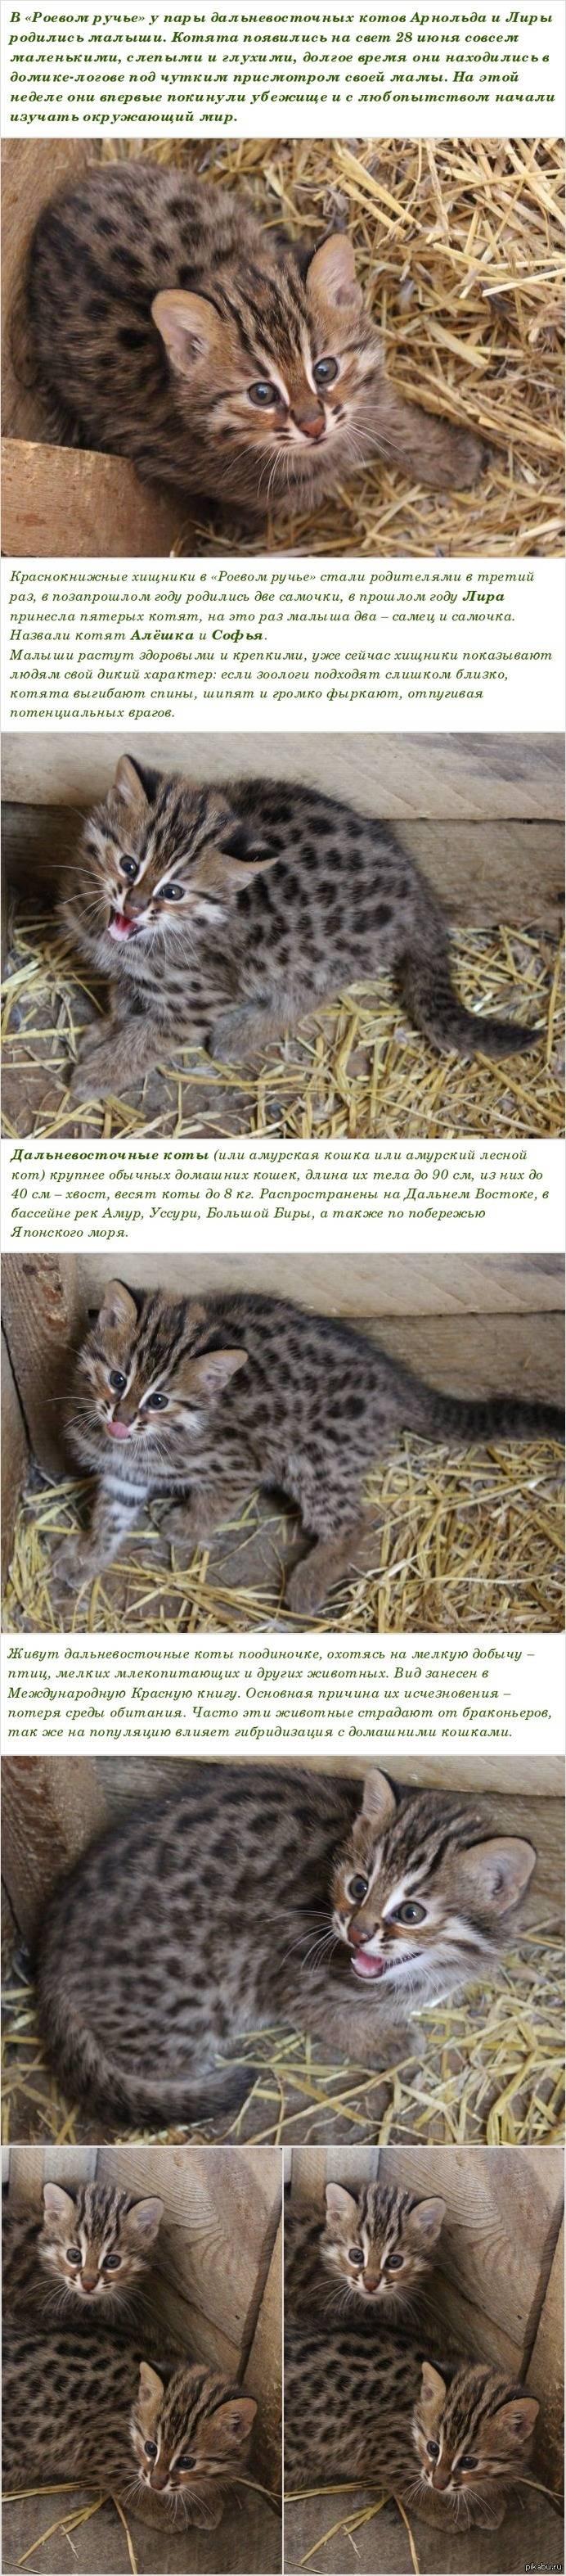 Амурский лесной кот – сообщение; амурский лесной кот – описание, среда обитания, повадки